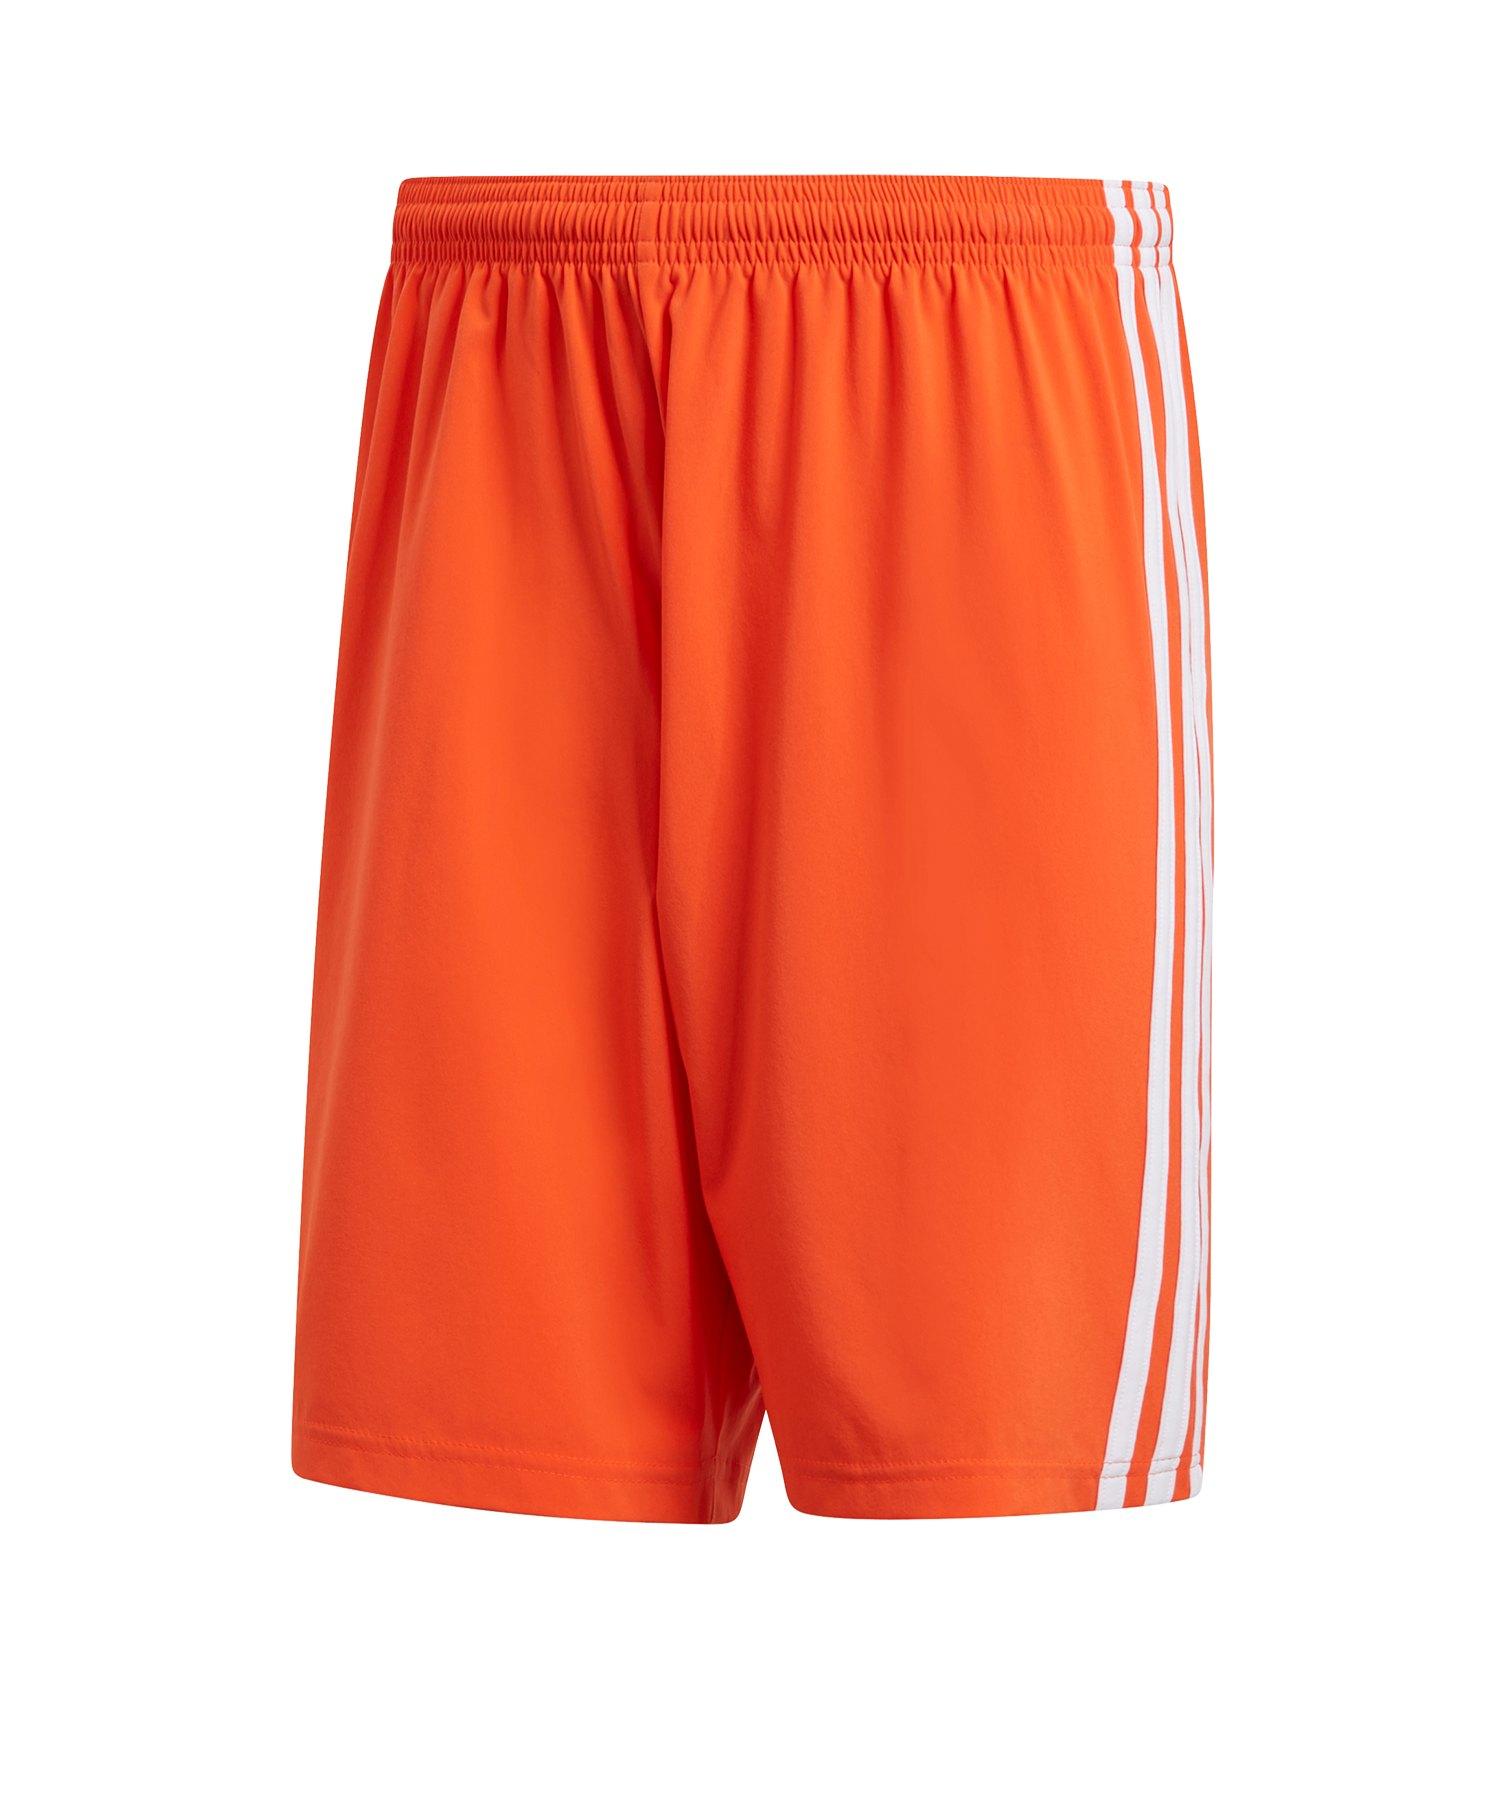 adidas Condivo 18 Short Orange Weiss - orange